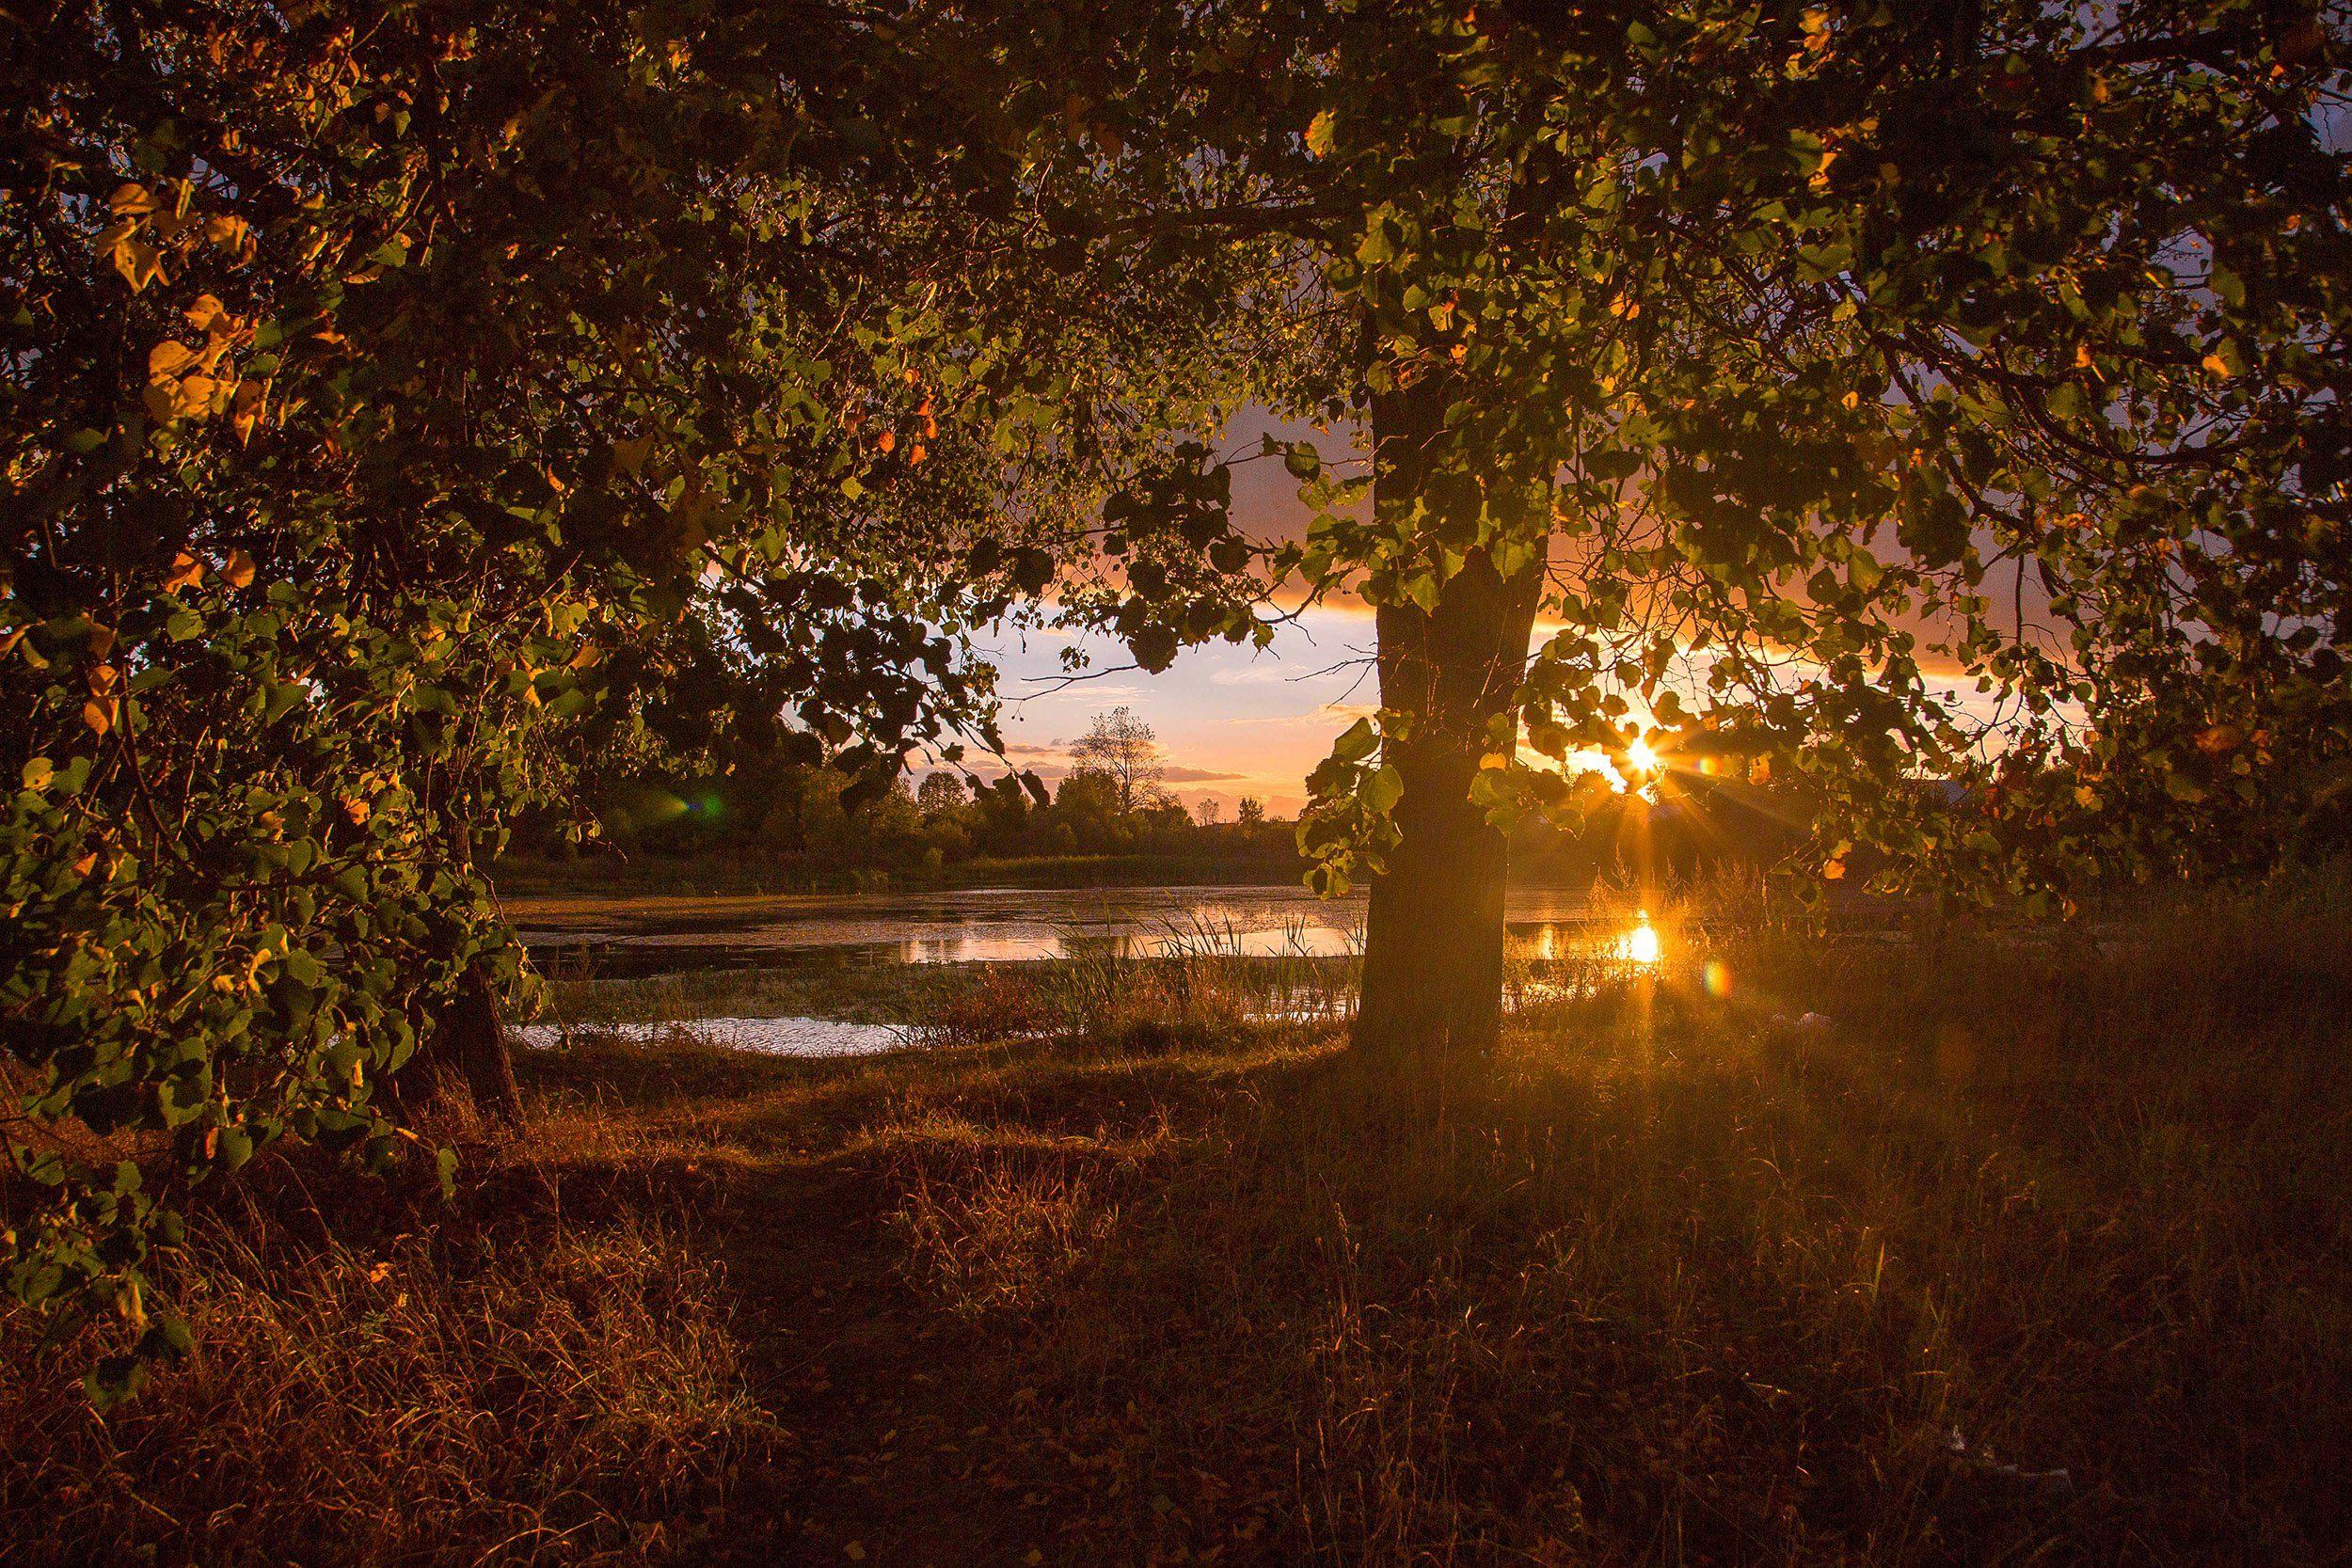 Россия, закат, Лежнево, Иваново, Ивановская область, пейзаж, природа, пруд, Воробьёв Евгений